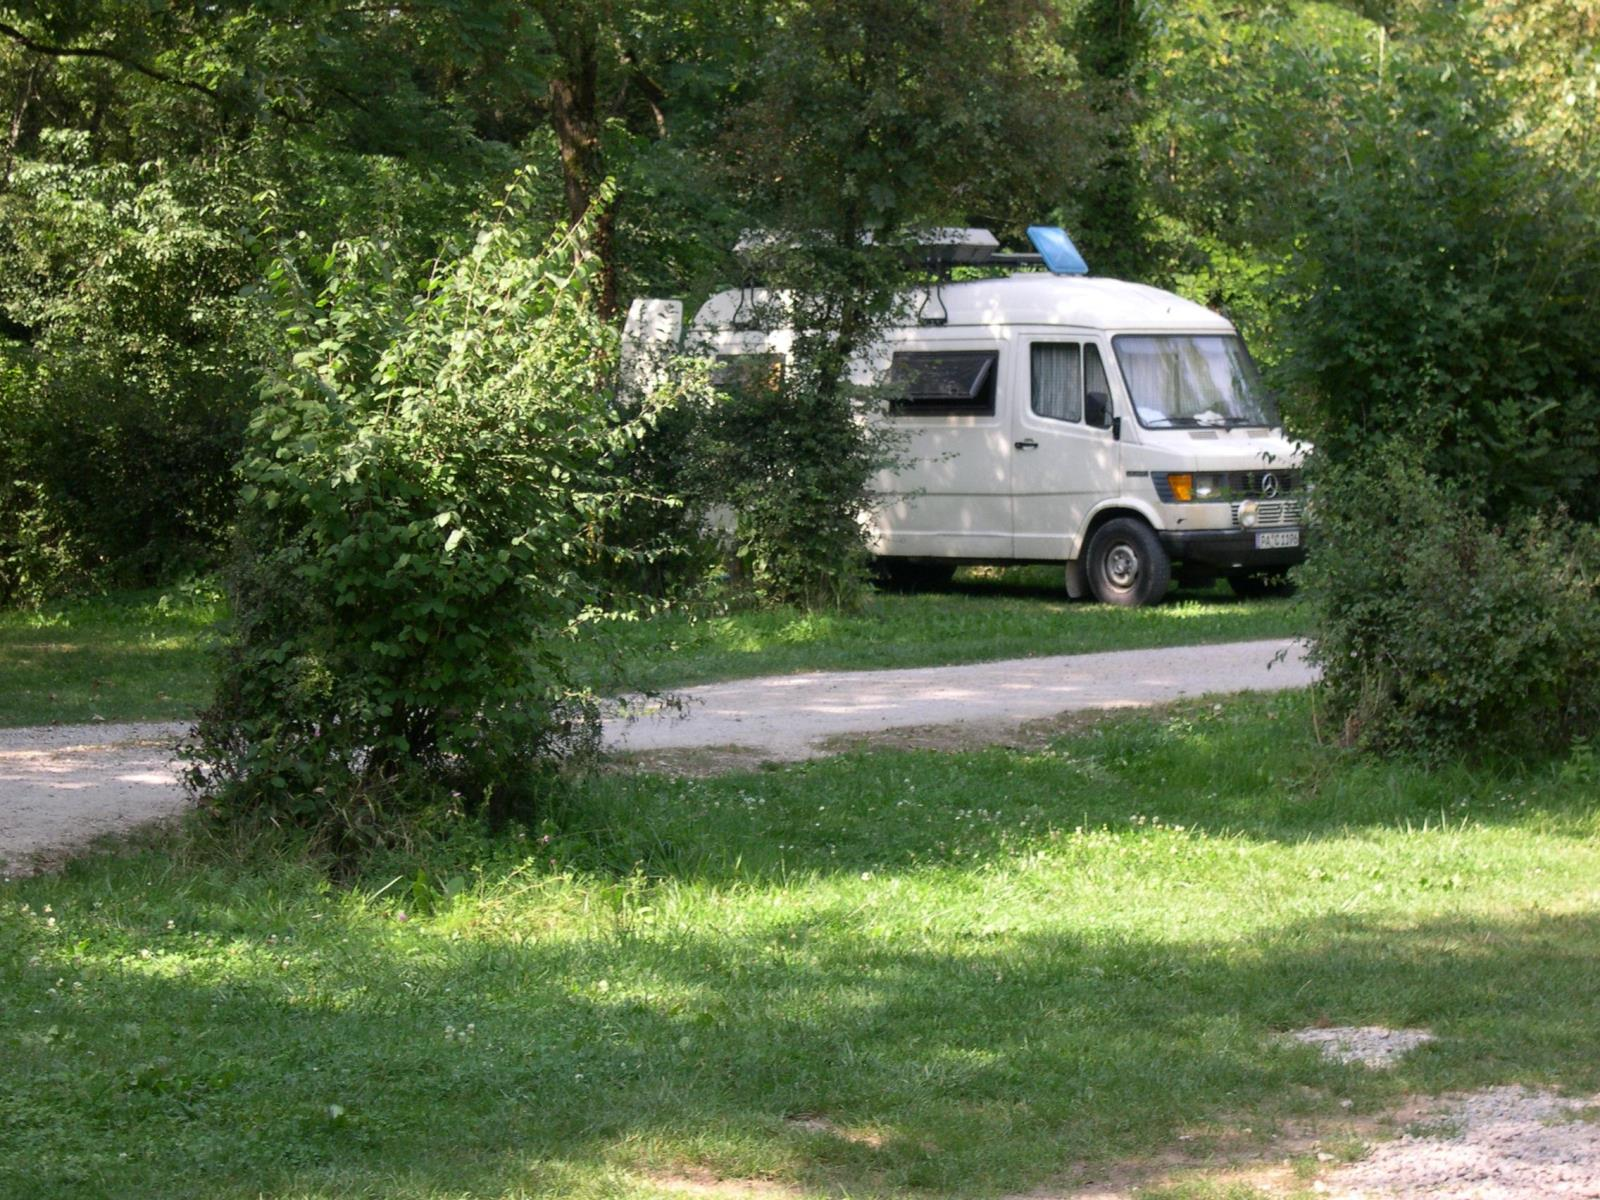 Emplacement - Emplacement 1 Nuit - Camping La Croix d'Arles